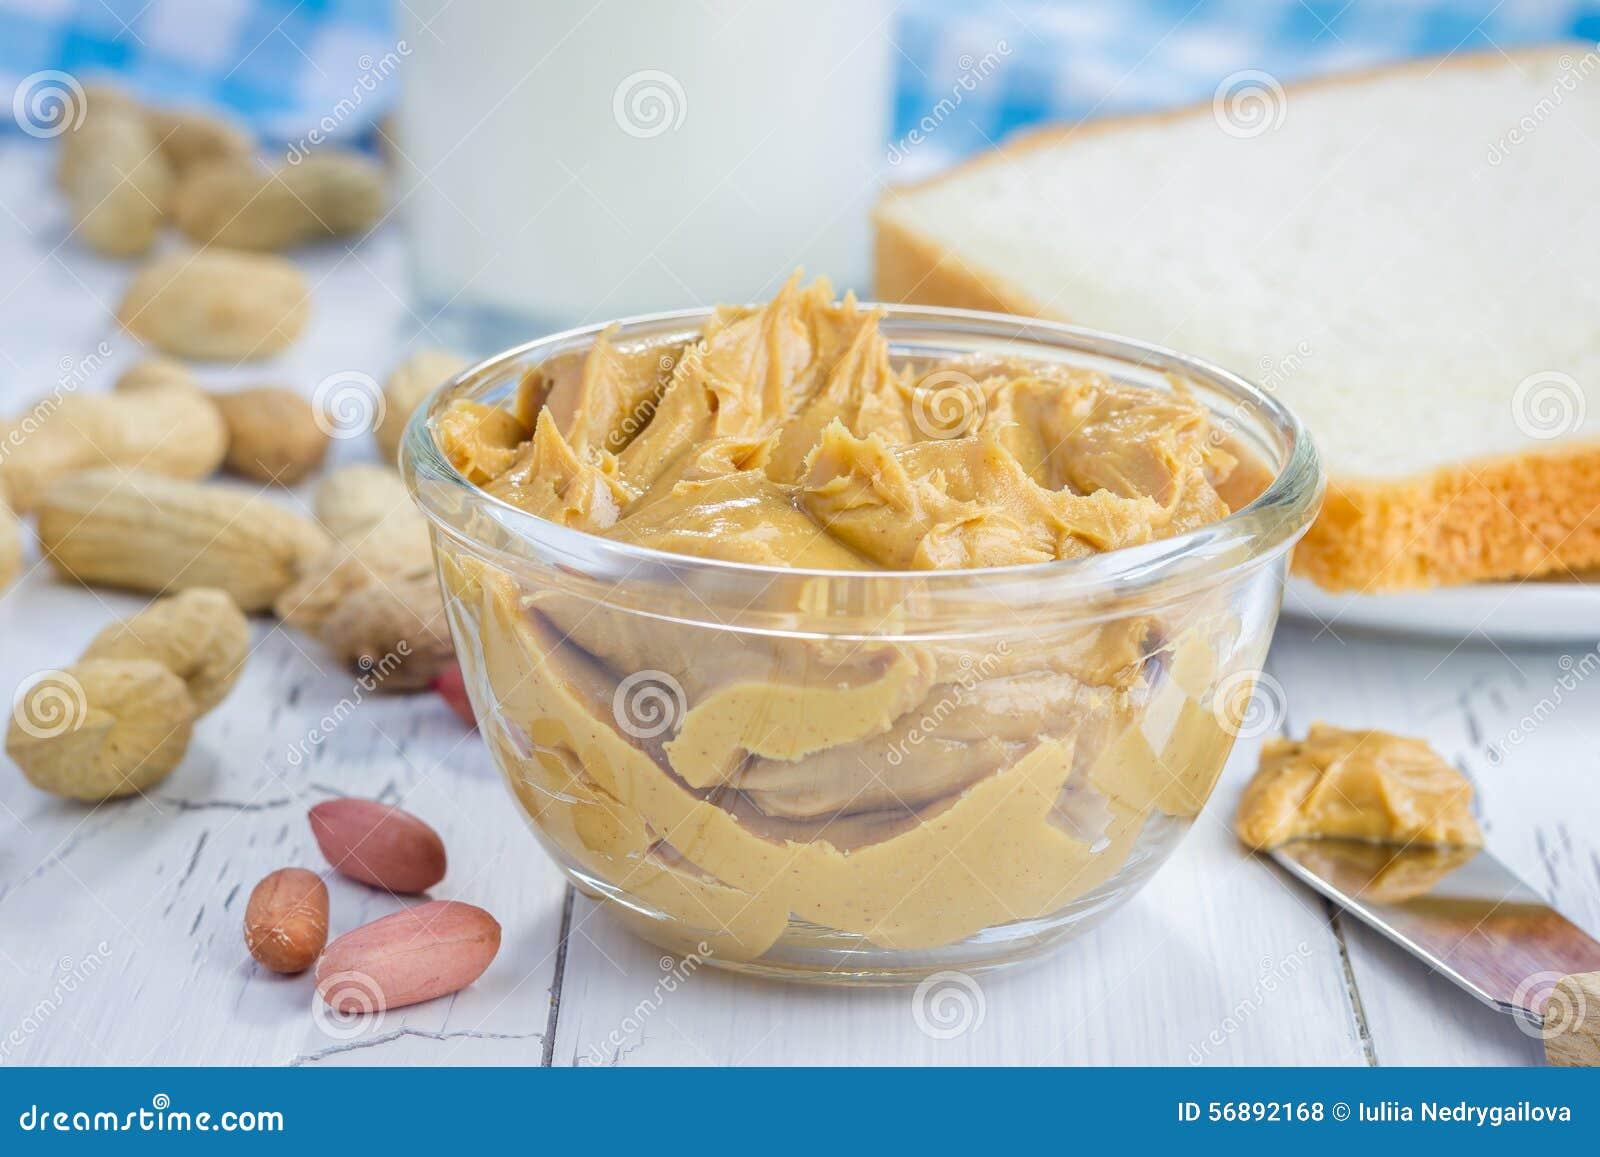 Burro di arachidi cremoso con bicchiere di latte